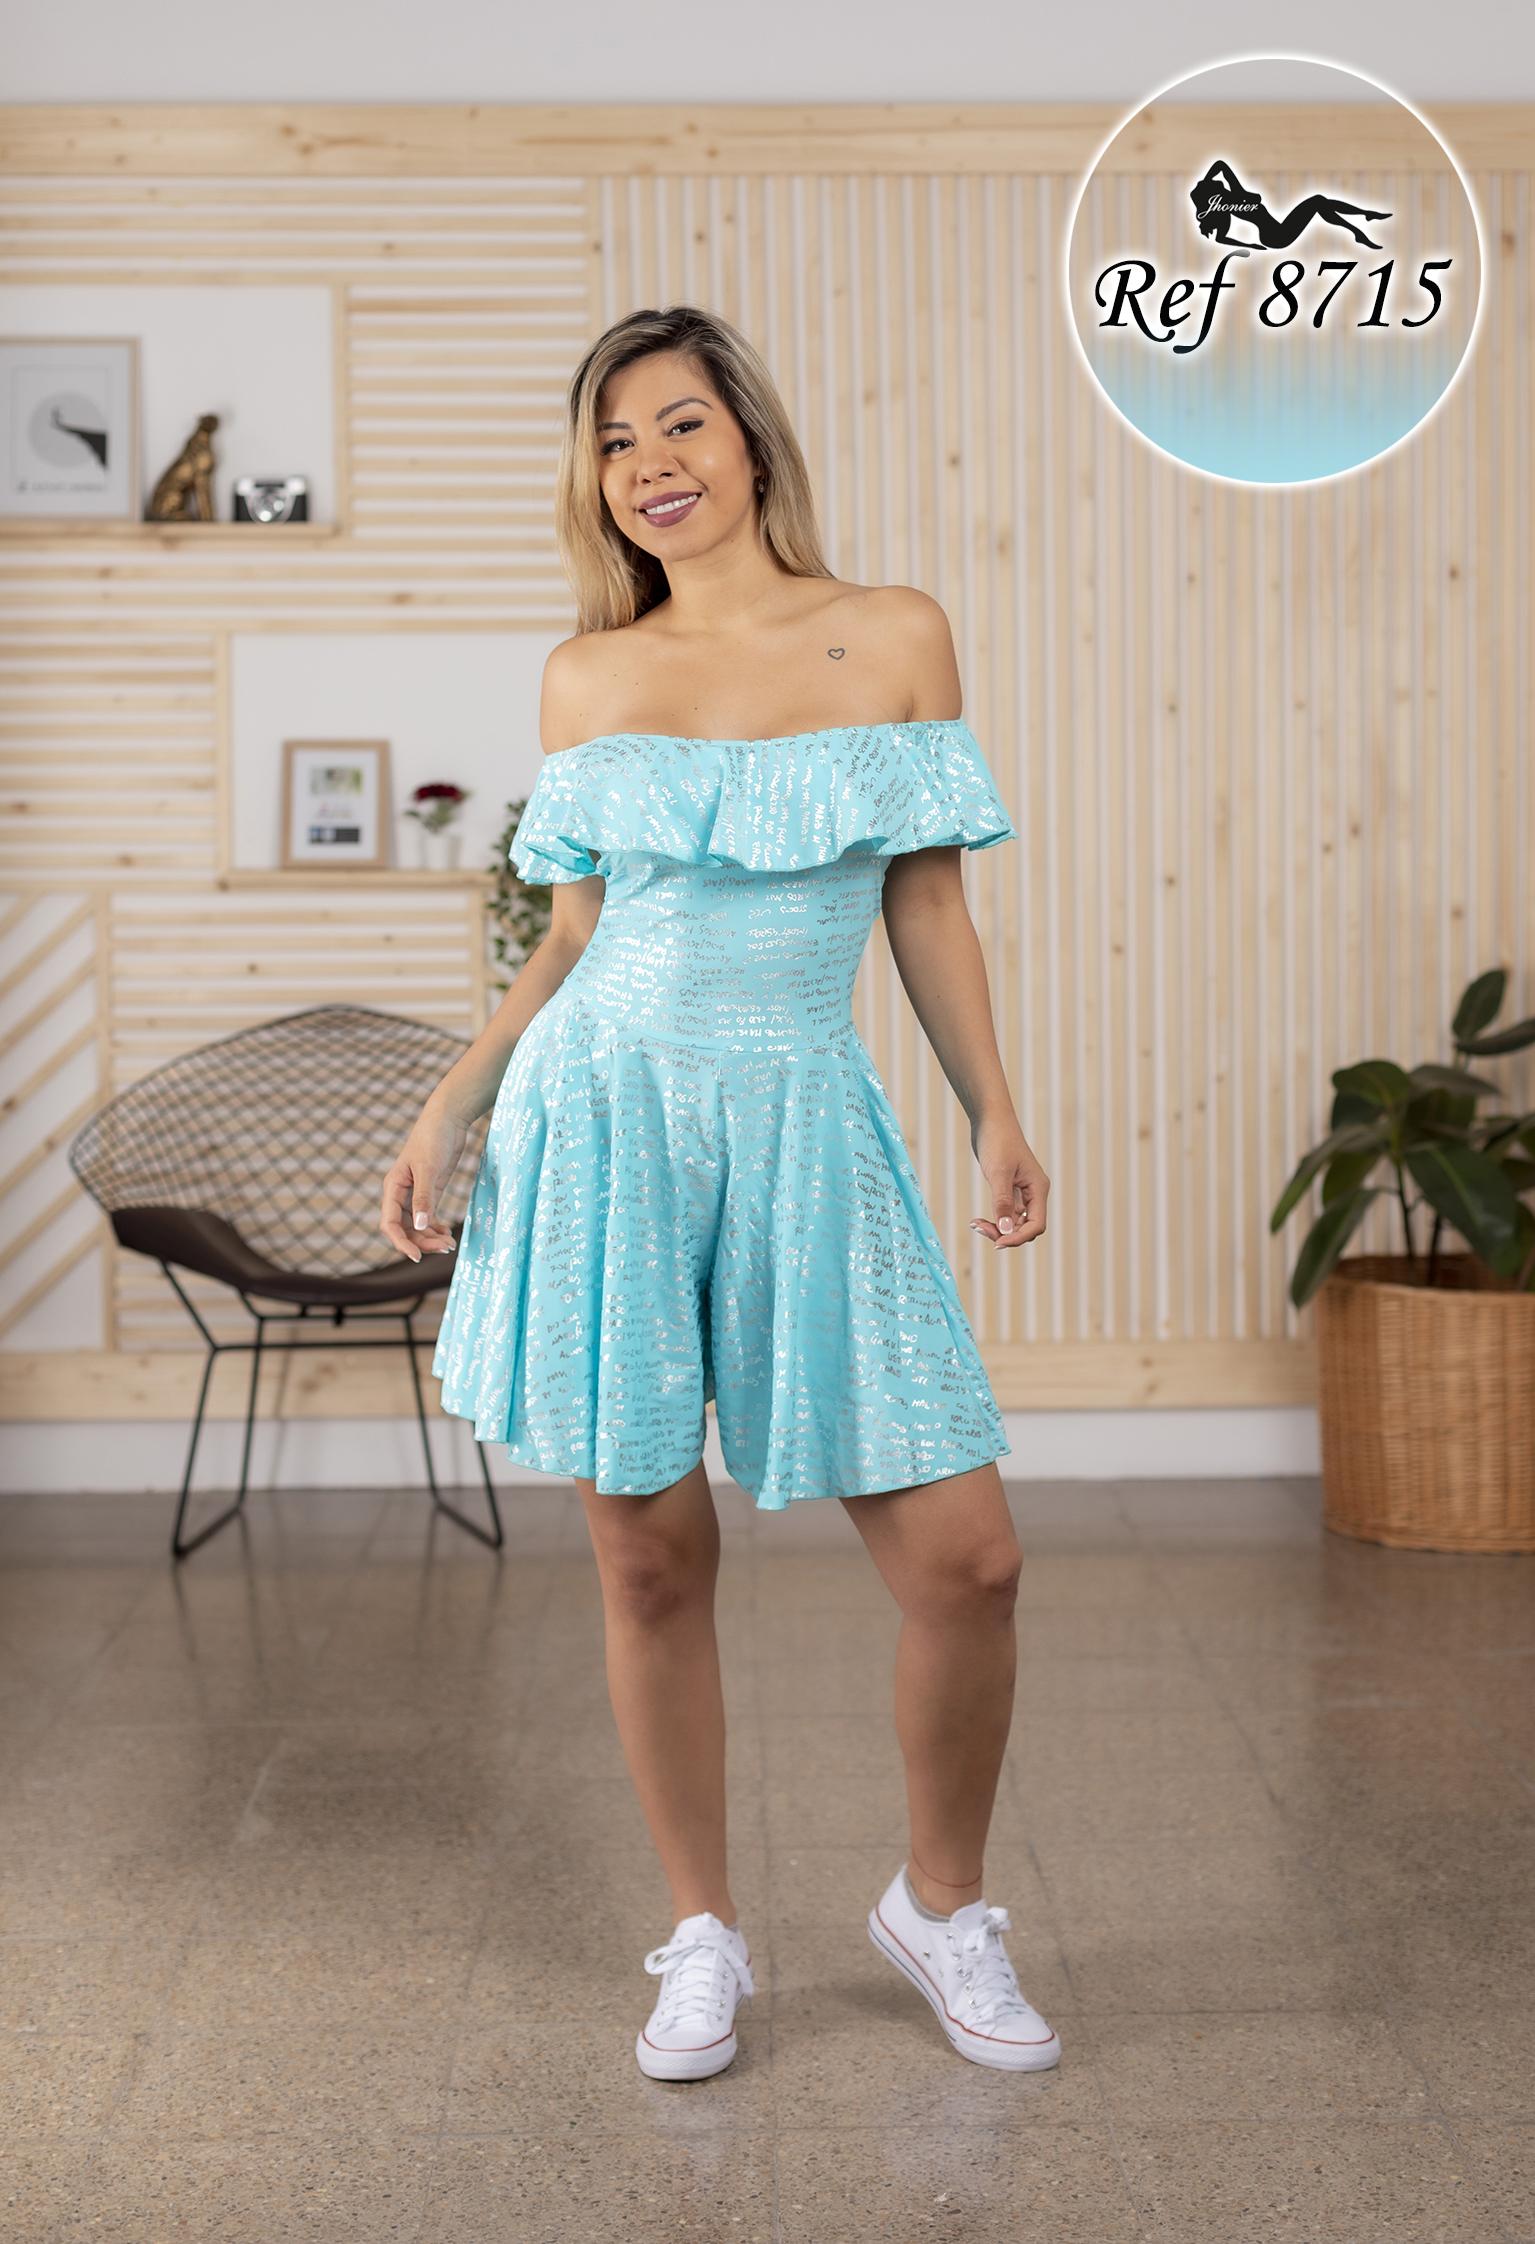 Vestido corto colombiano 8715